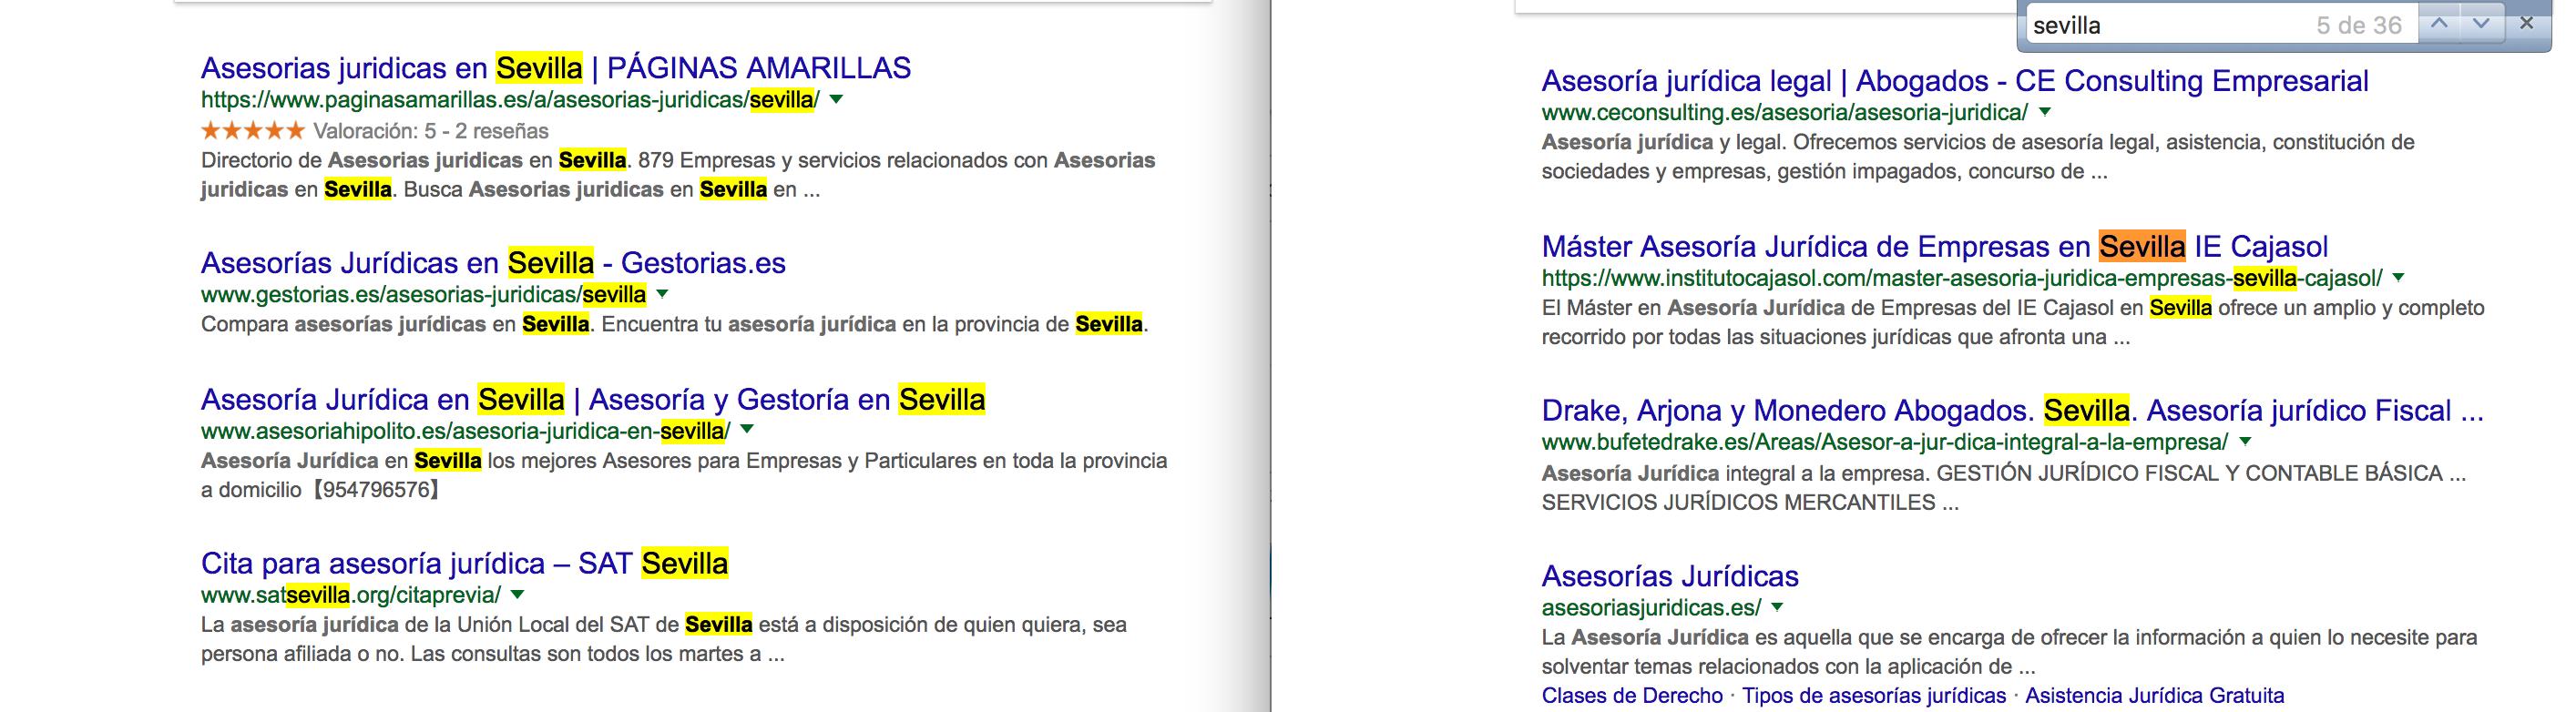 Google asesoría jurídica